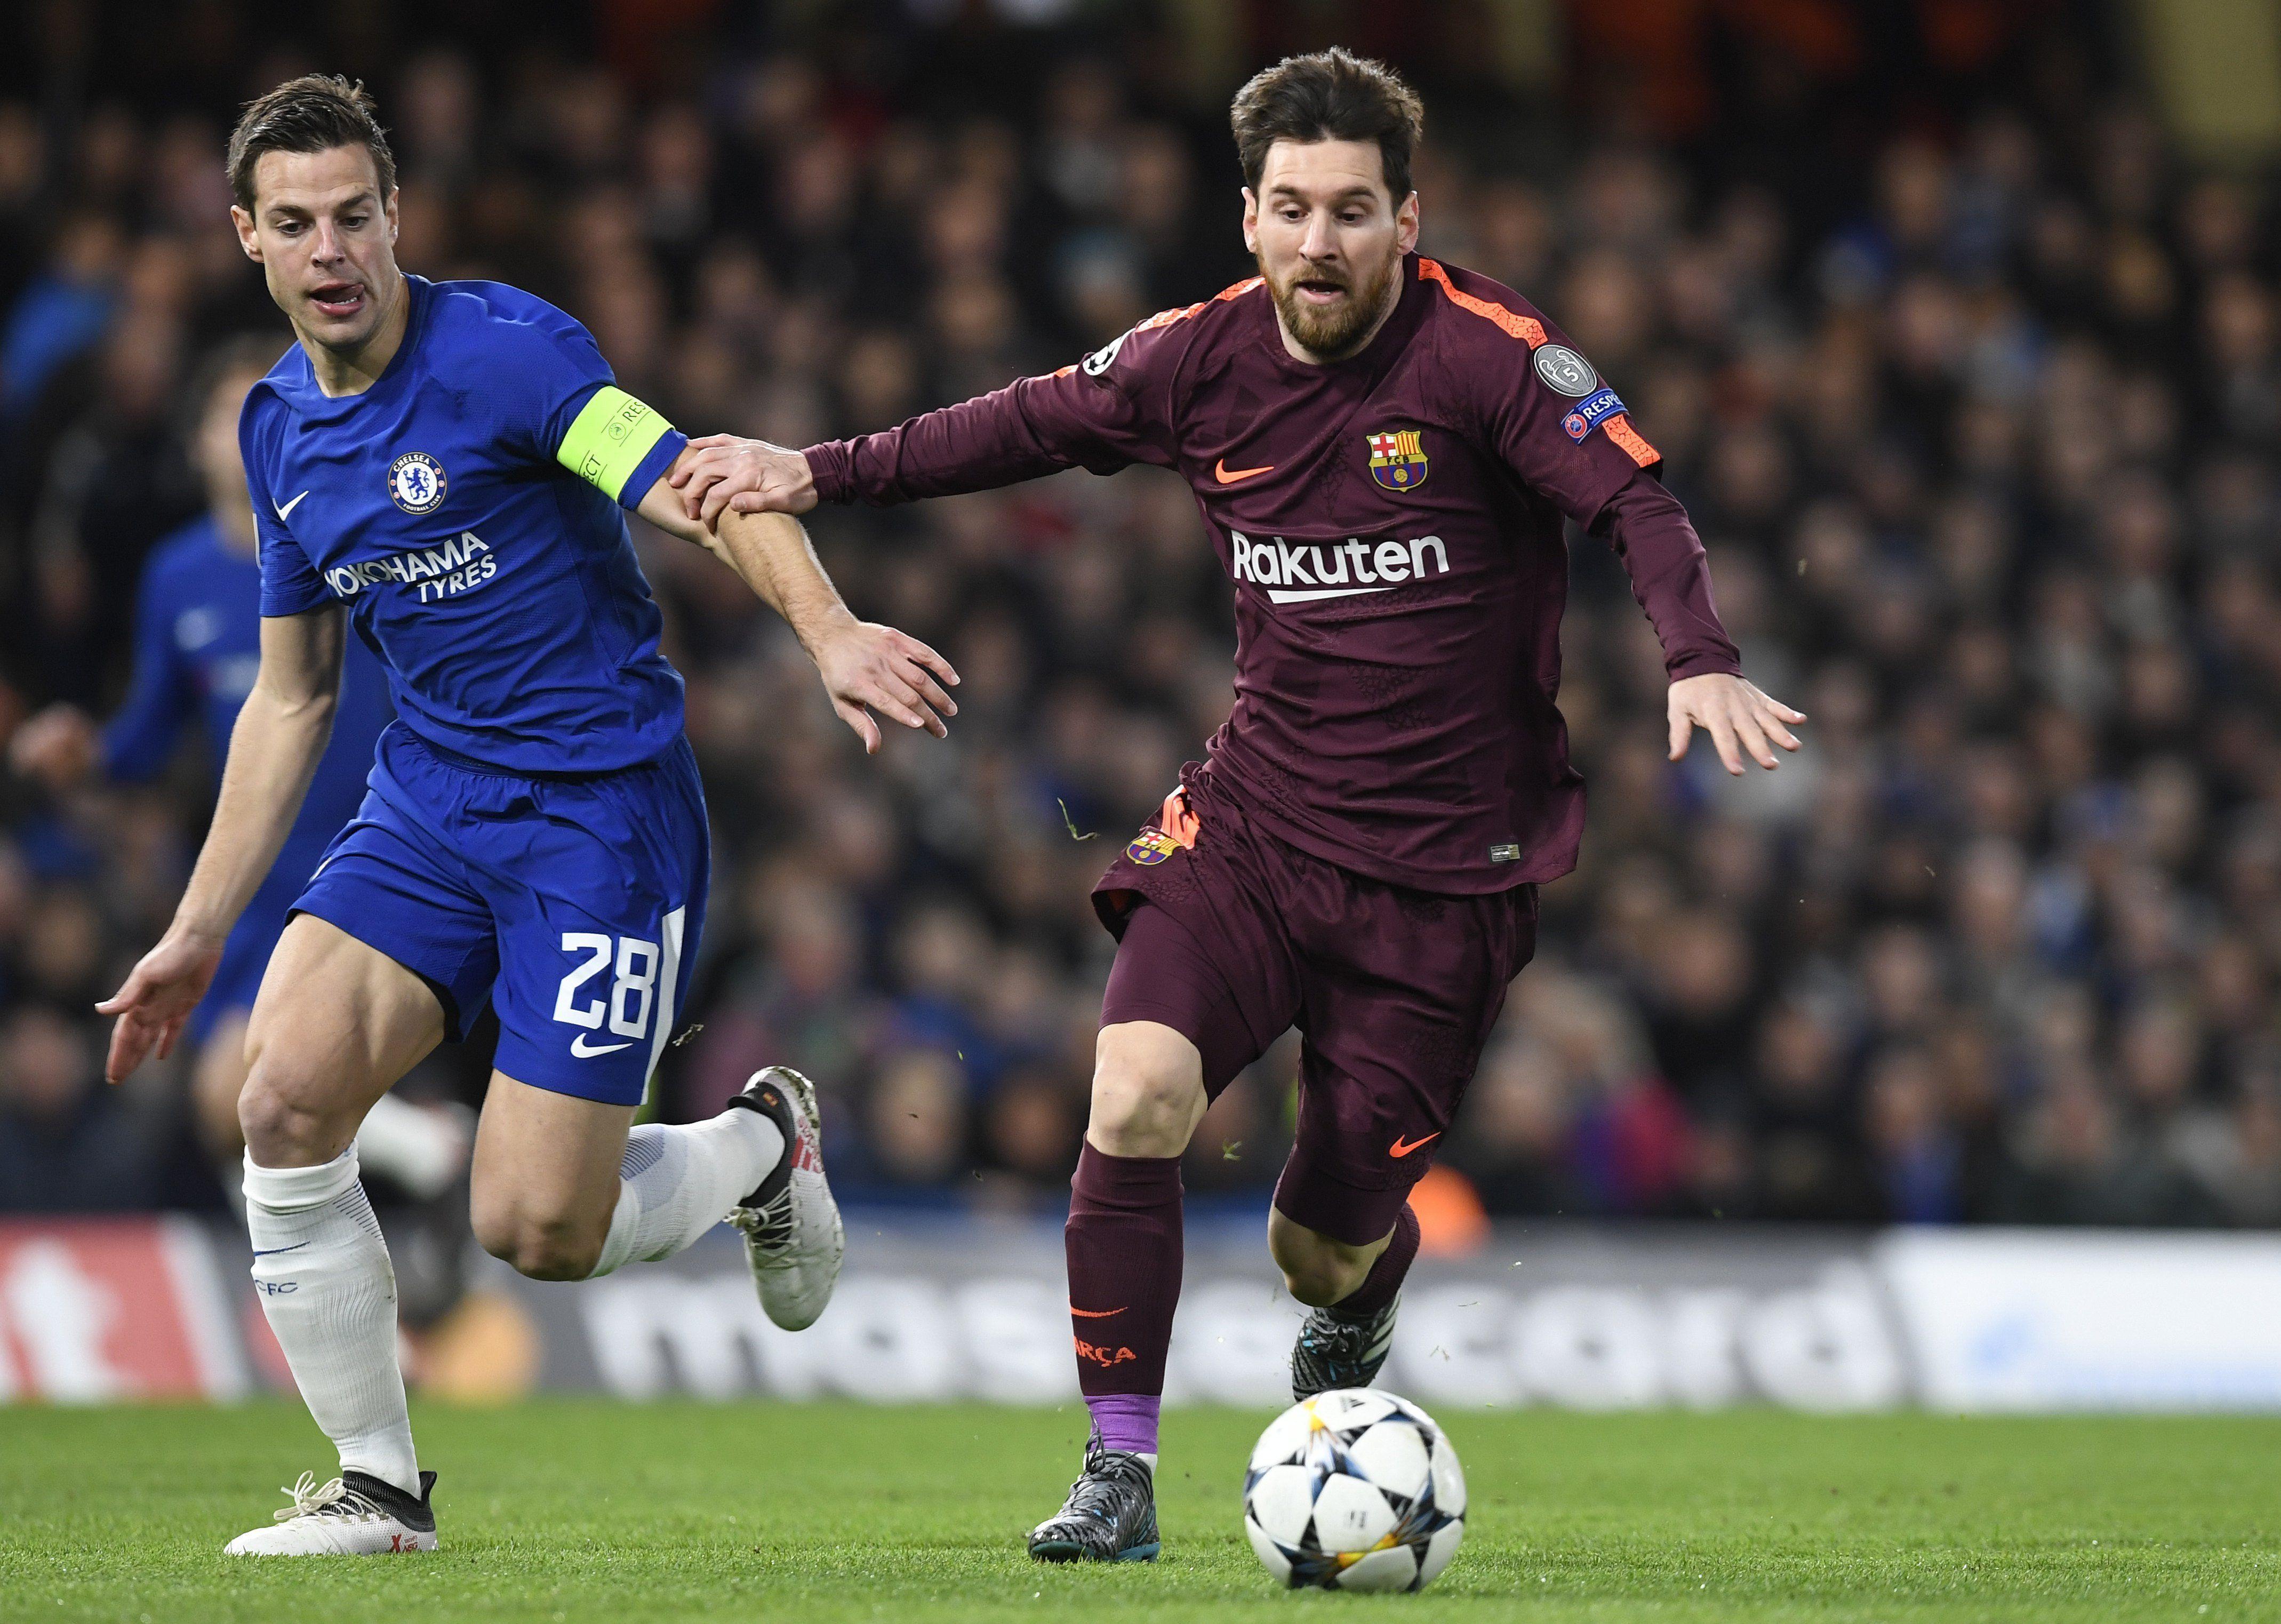 Messi rompió con el maleficio y pudo convertir un gol al Chelsea. Foto: EFE